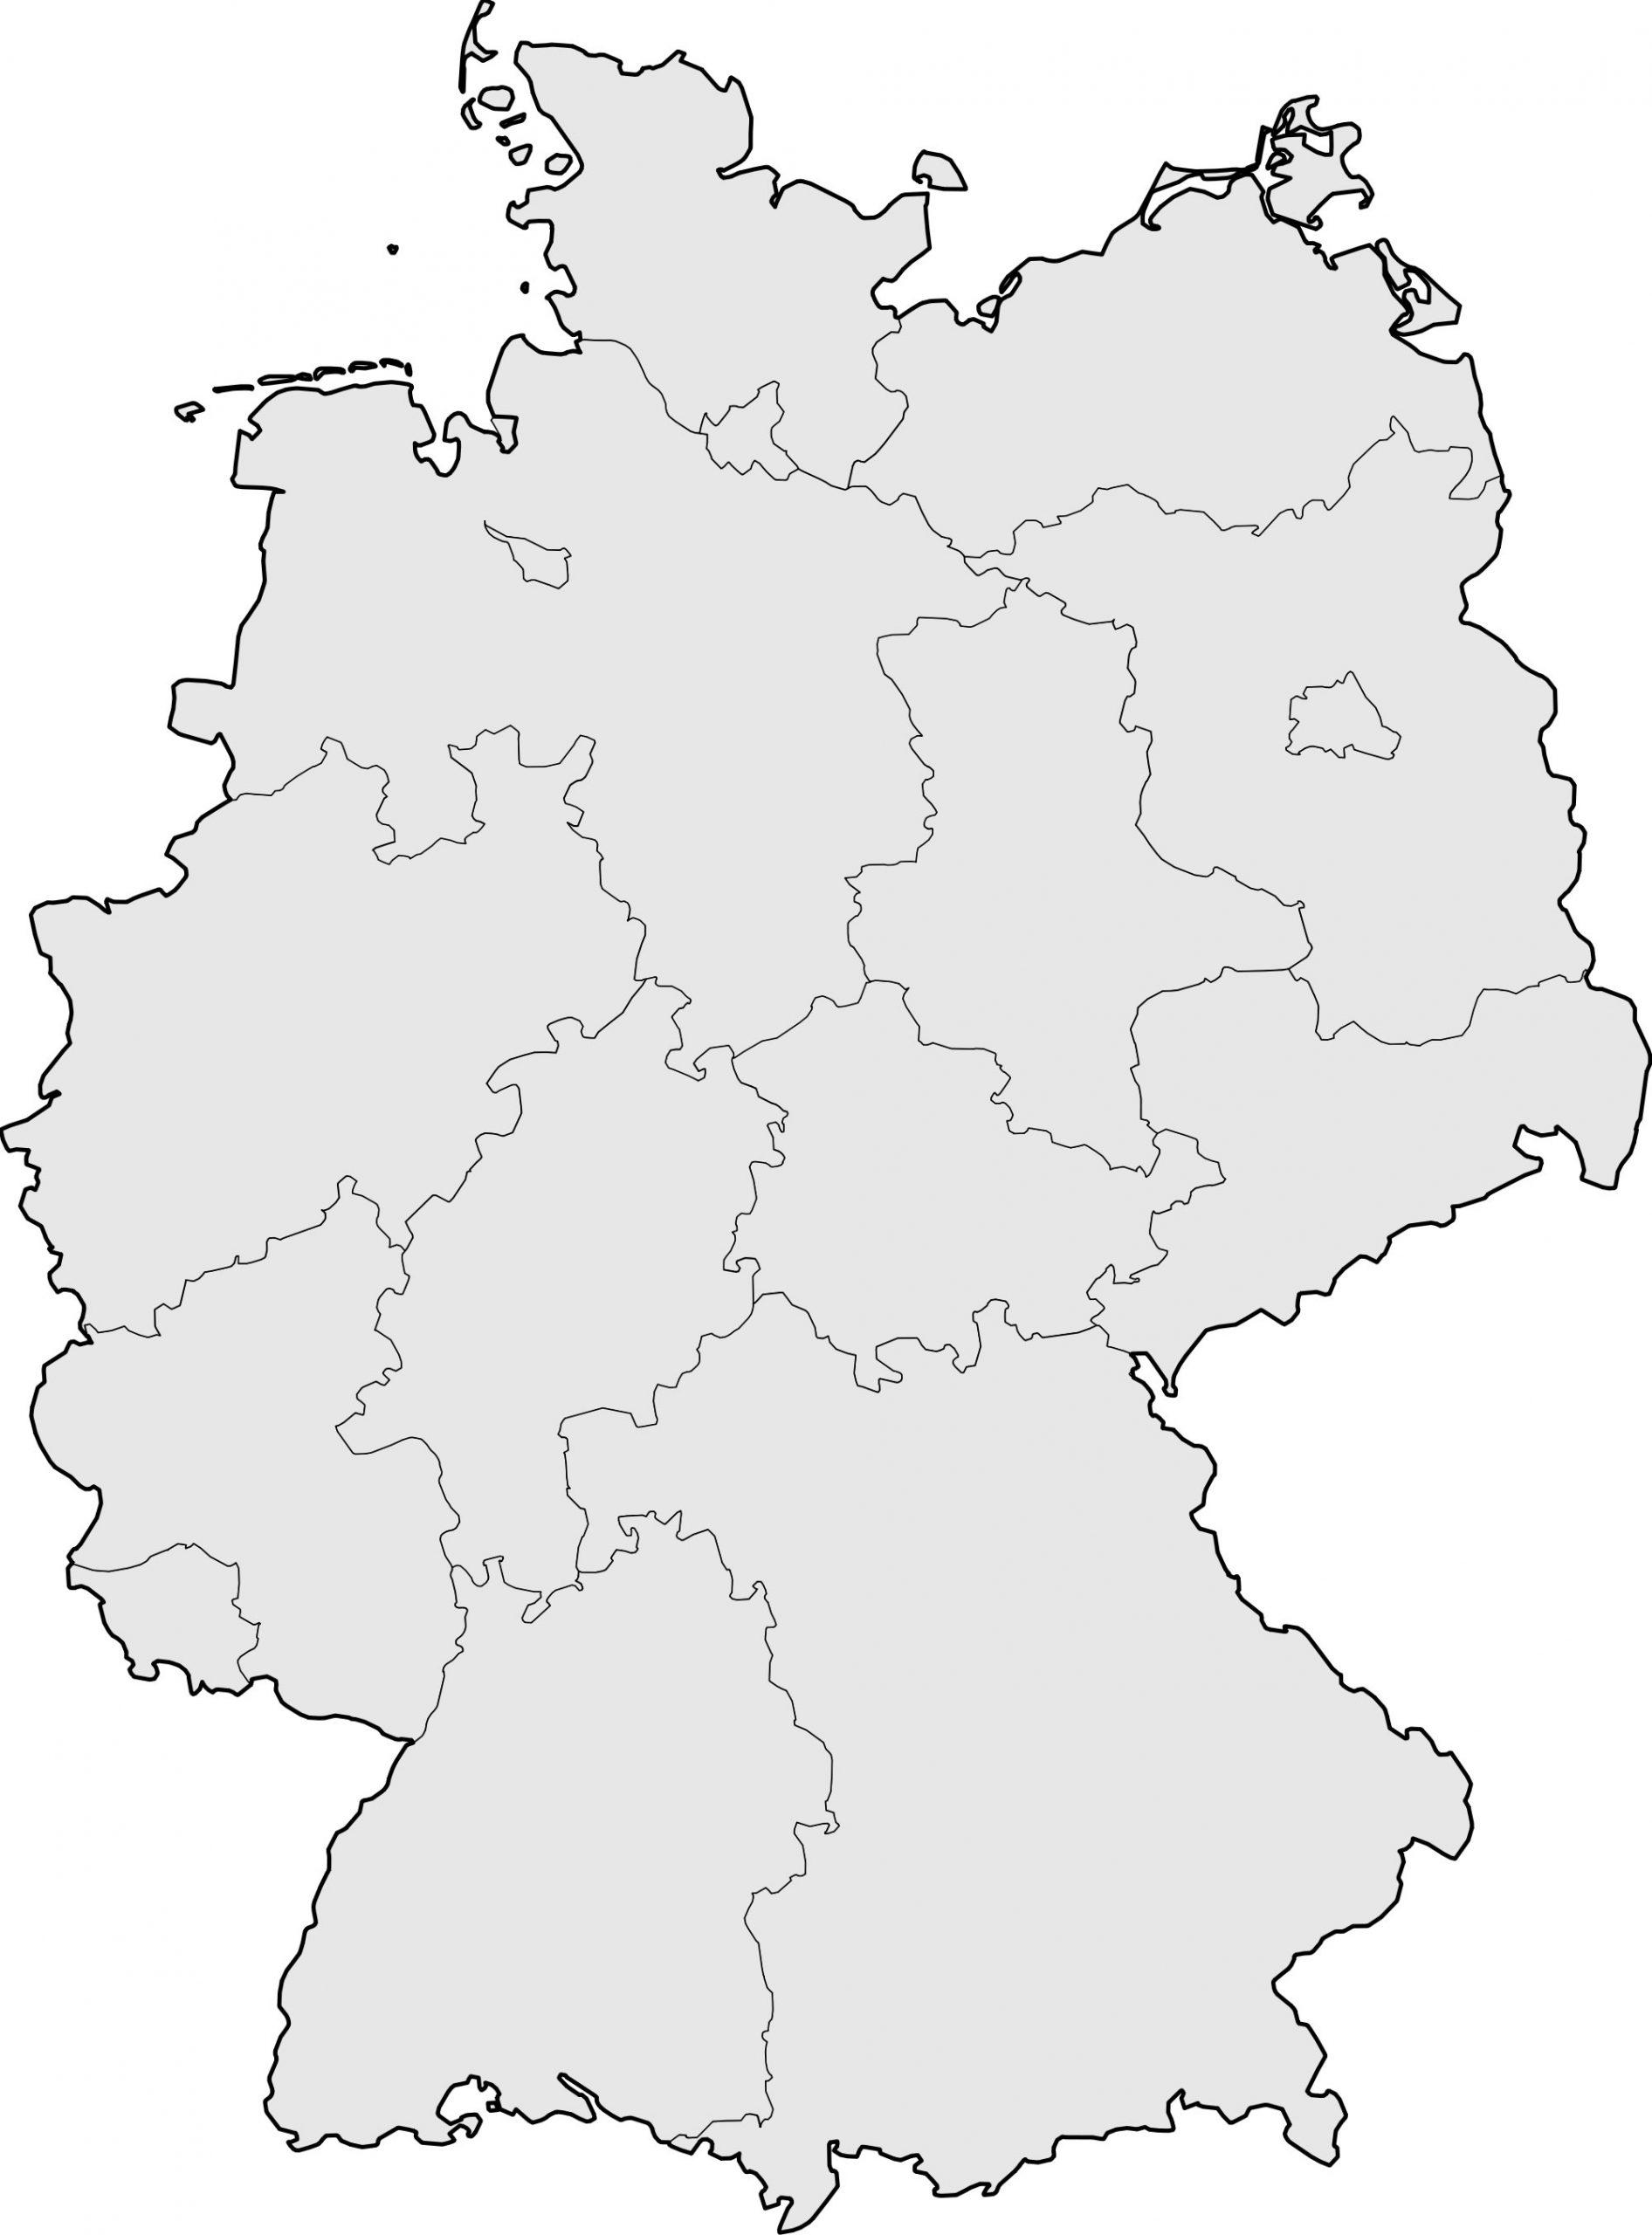 Carte Allemagne Vierge, Carte Vierge De L'allemagne tout Carte Des Régions Vierge